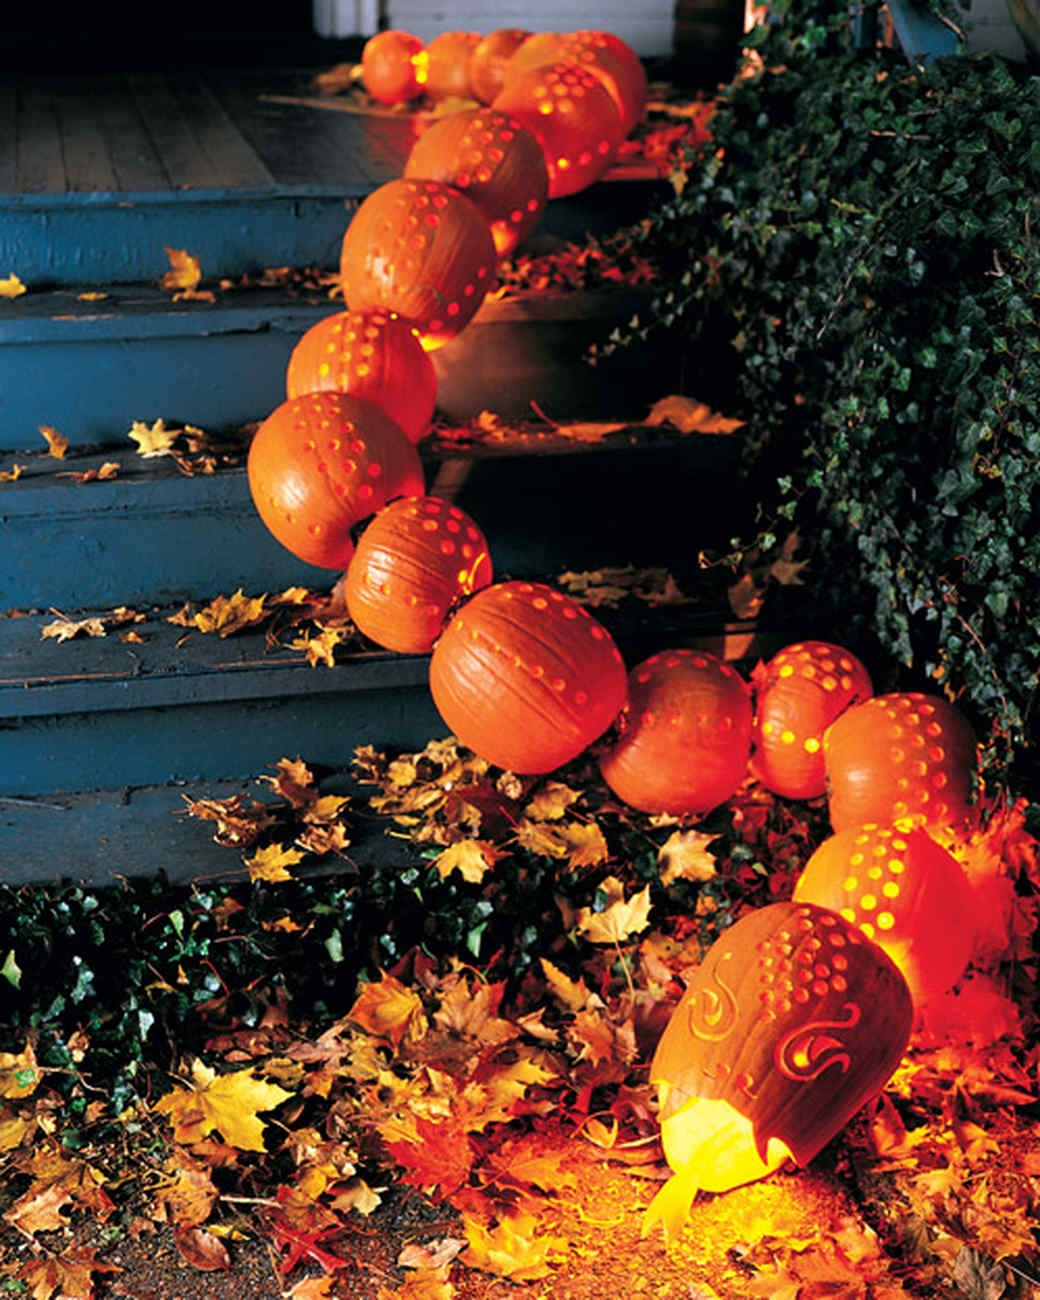 ml1003_1003_pumpkin_snk.jpg